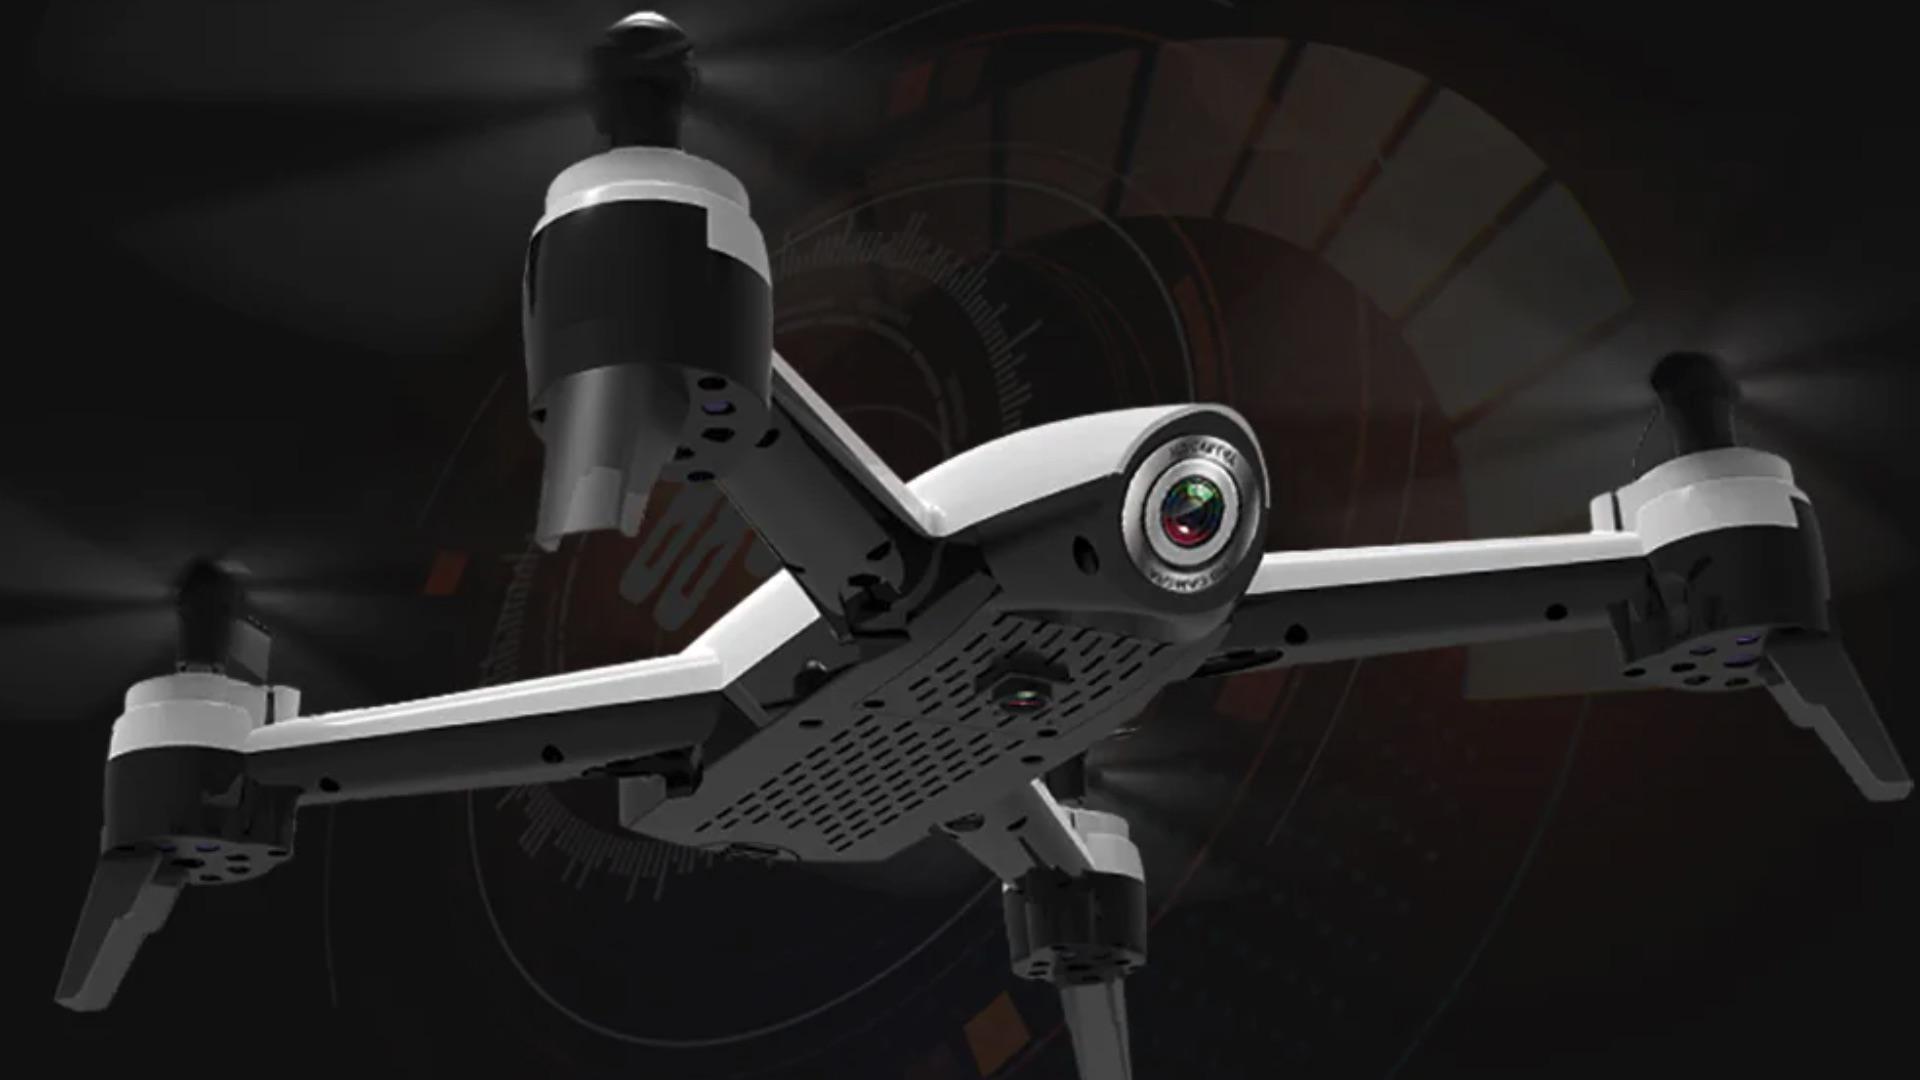 Drone SG106 4K | GearBest